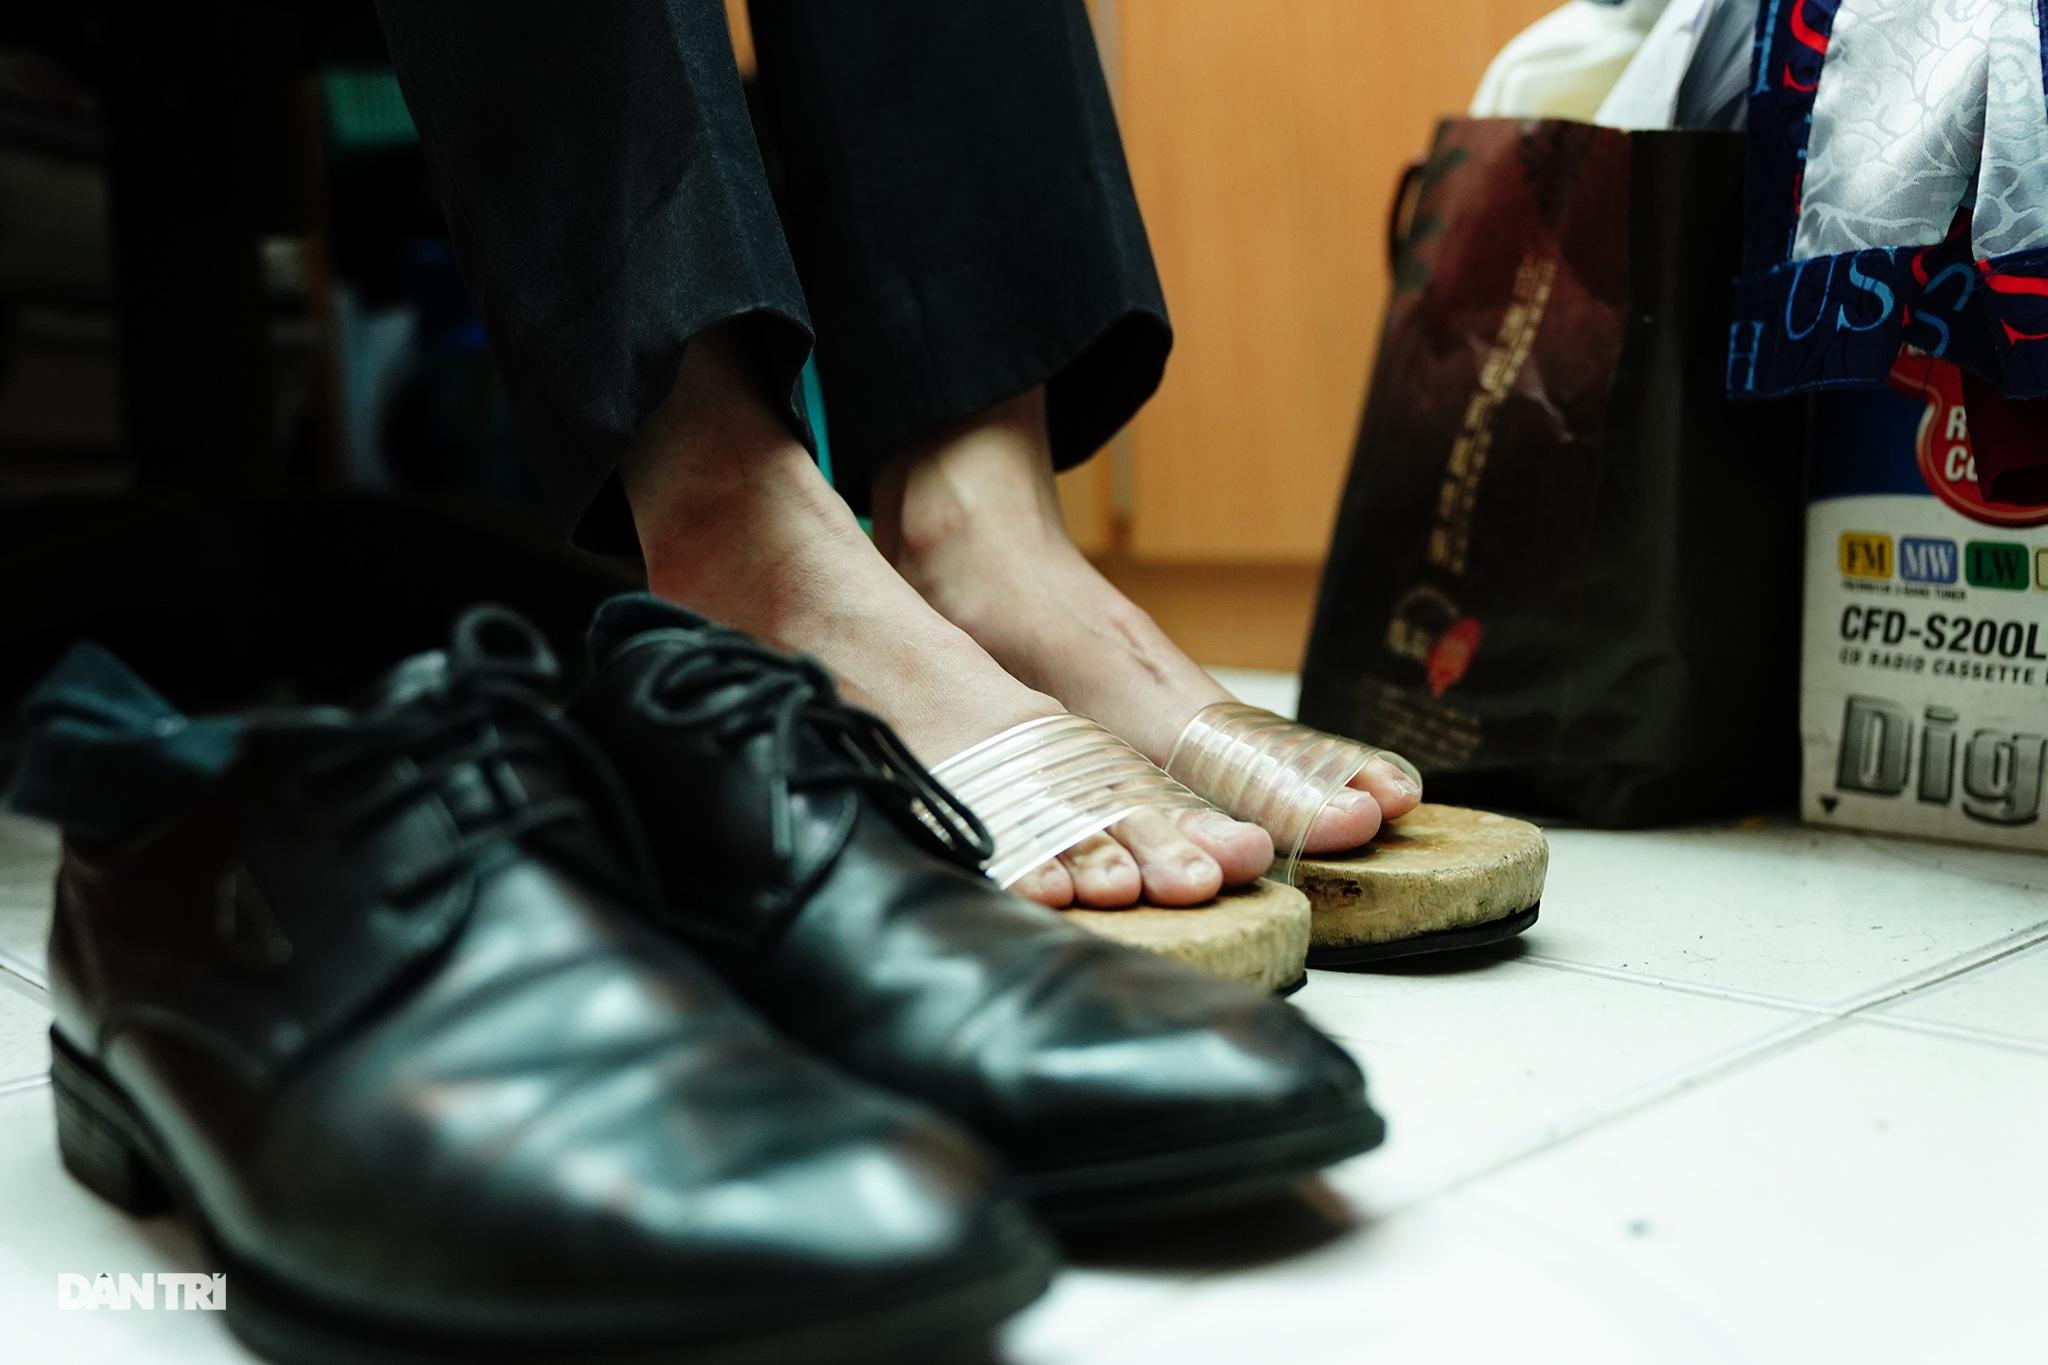 Thầy giáo gần 10 năm mặc áo dài, đi guốc mộc đến giảng đường - 4